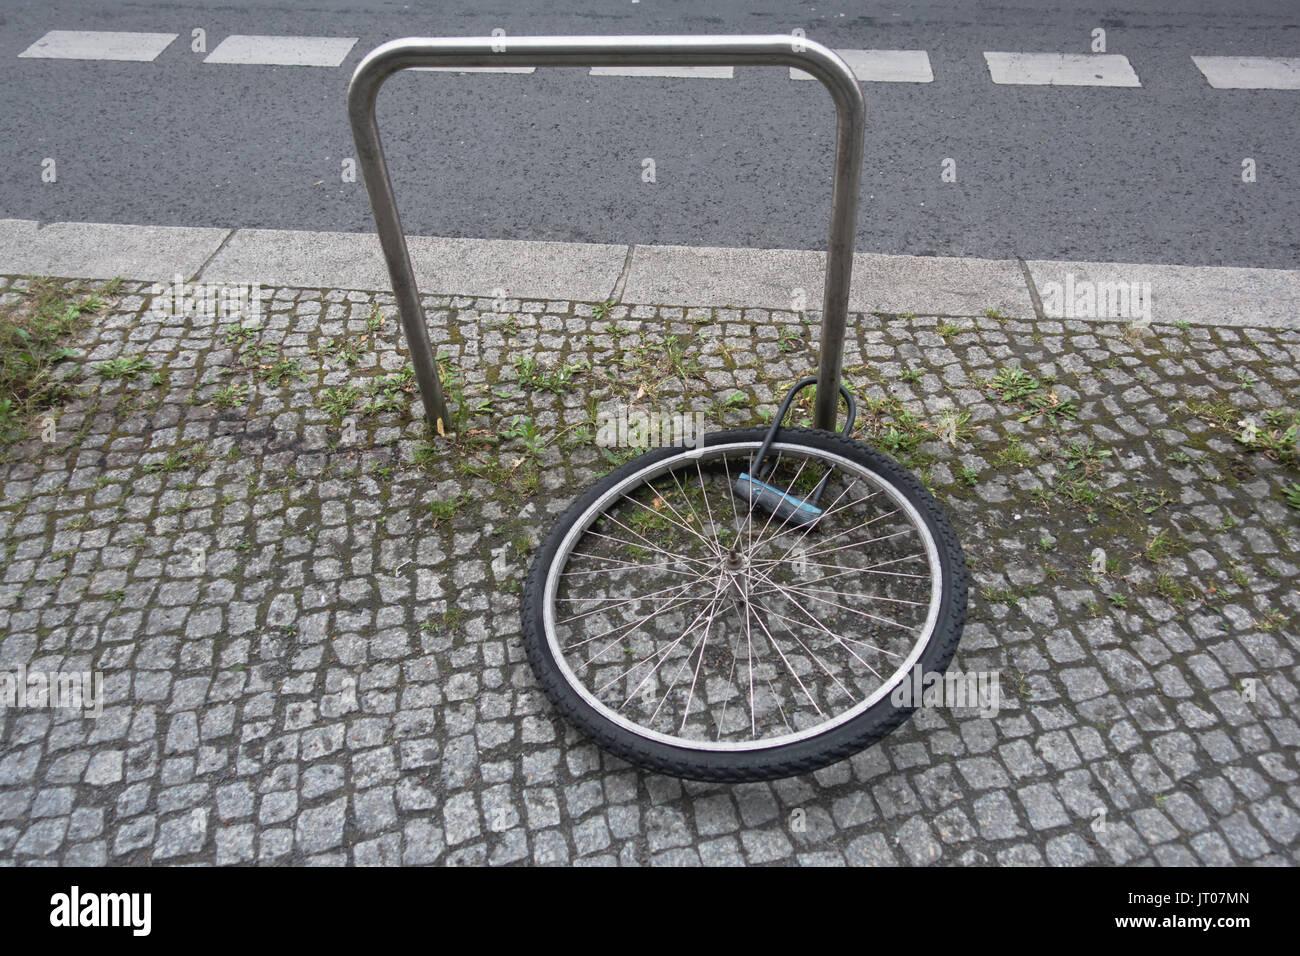 Fahrrad Diebstahl auf der Straße, Fahrrad gestohlen und nur Rad mit ...